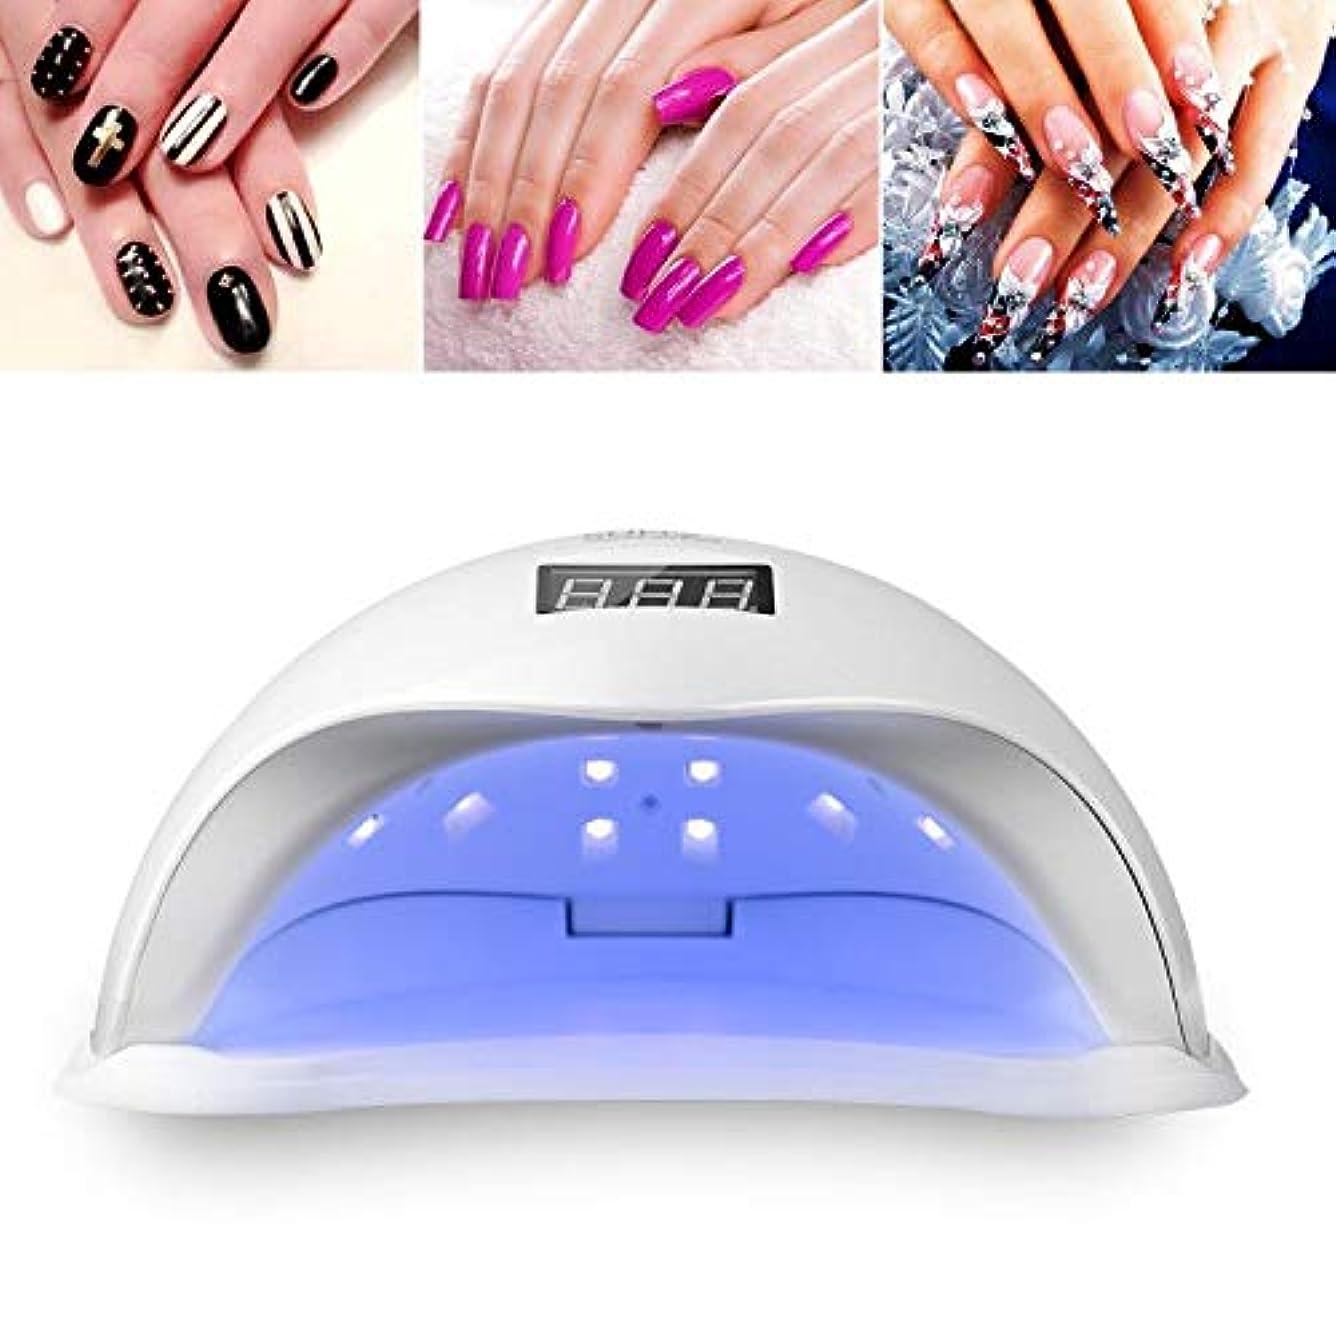 表示マティスメールLED ネイルドライヤー UVネイルライト 48W ハイパワー ジェルネイルライト 肌をケア センサータイマー付き UVライト 速乾UV ネイル ハンドフット両用 ネイル led ライト [取扱説明書付き] Vinteky